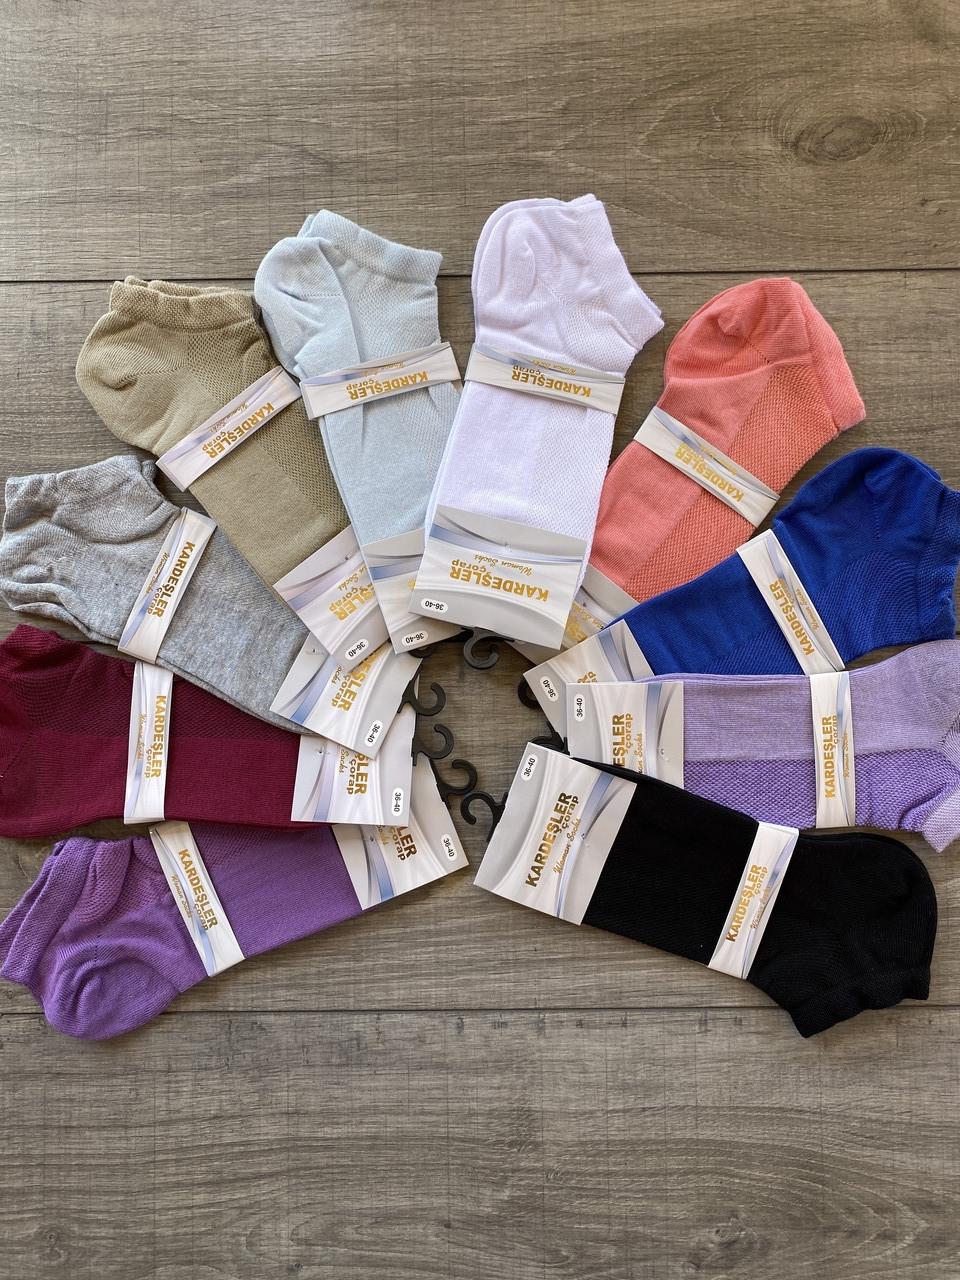 Жіночі шкарпетки Kardesler котонові в сітку 36-40 12 шт в уп мікс із 10-ти кольорів